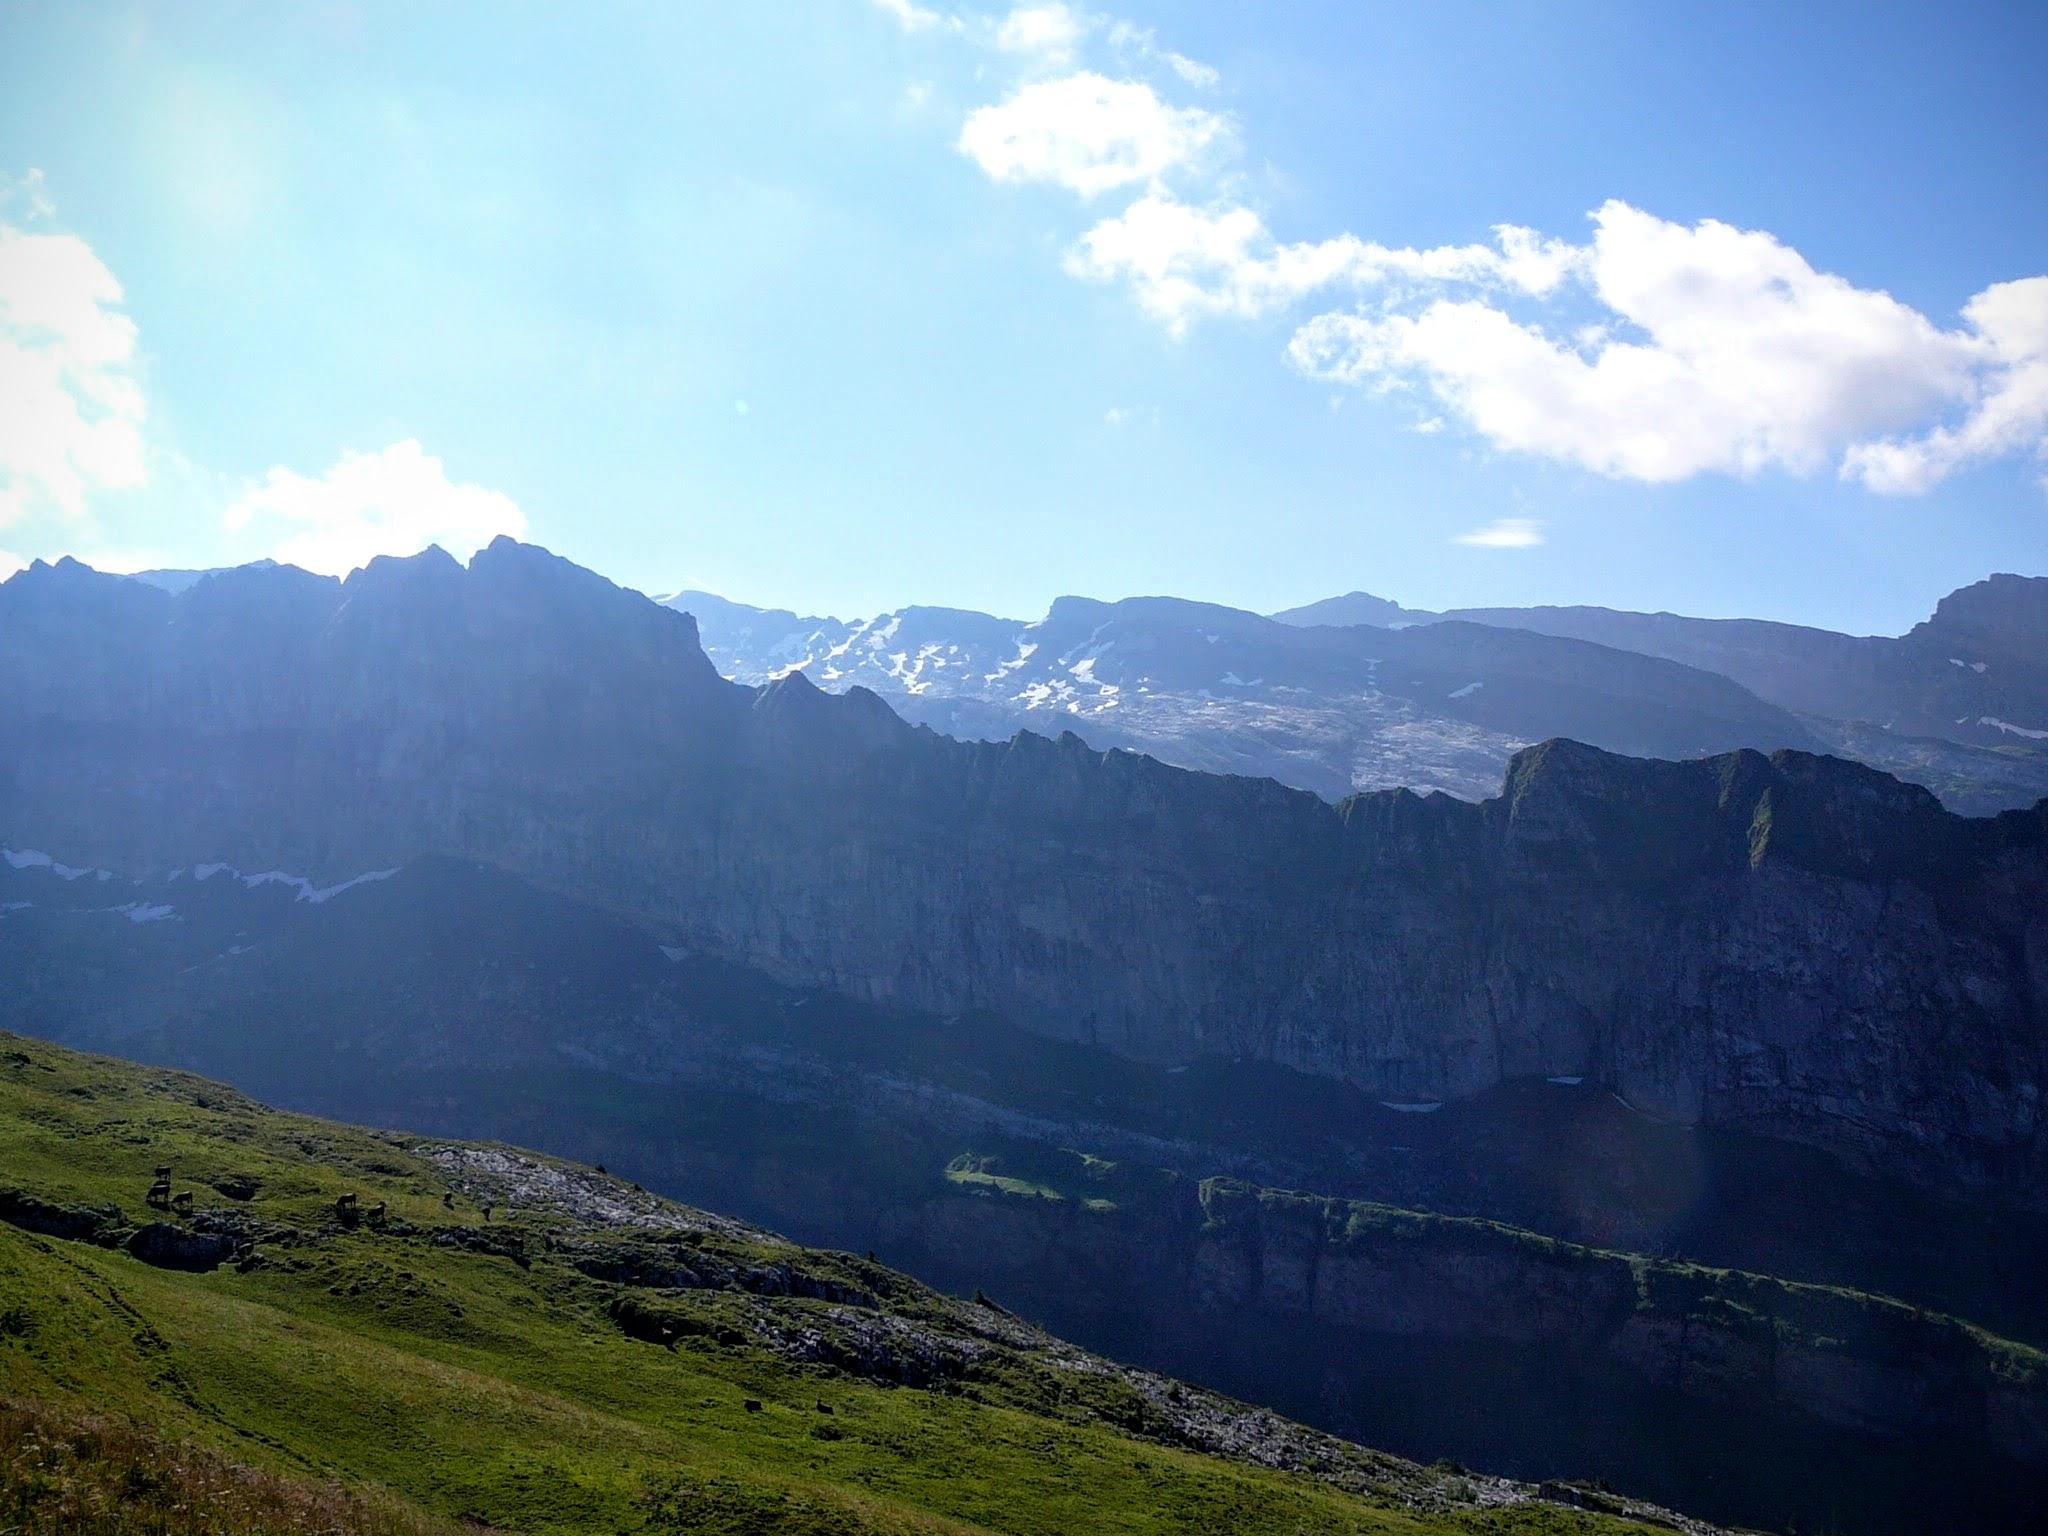 Les Avoudrues (2666 m)